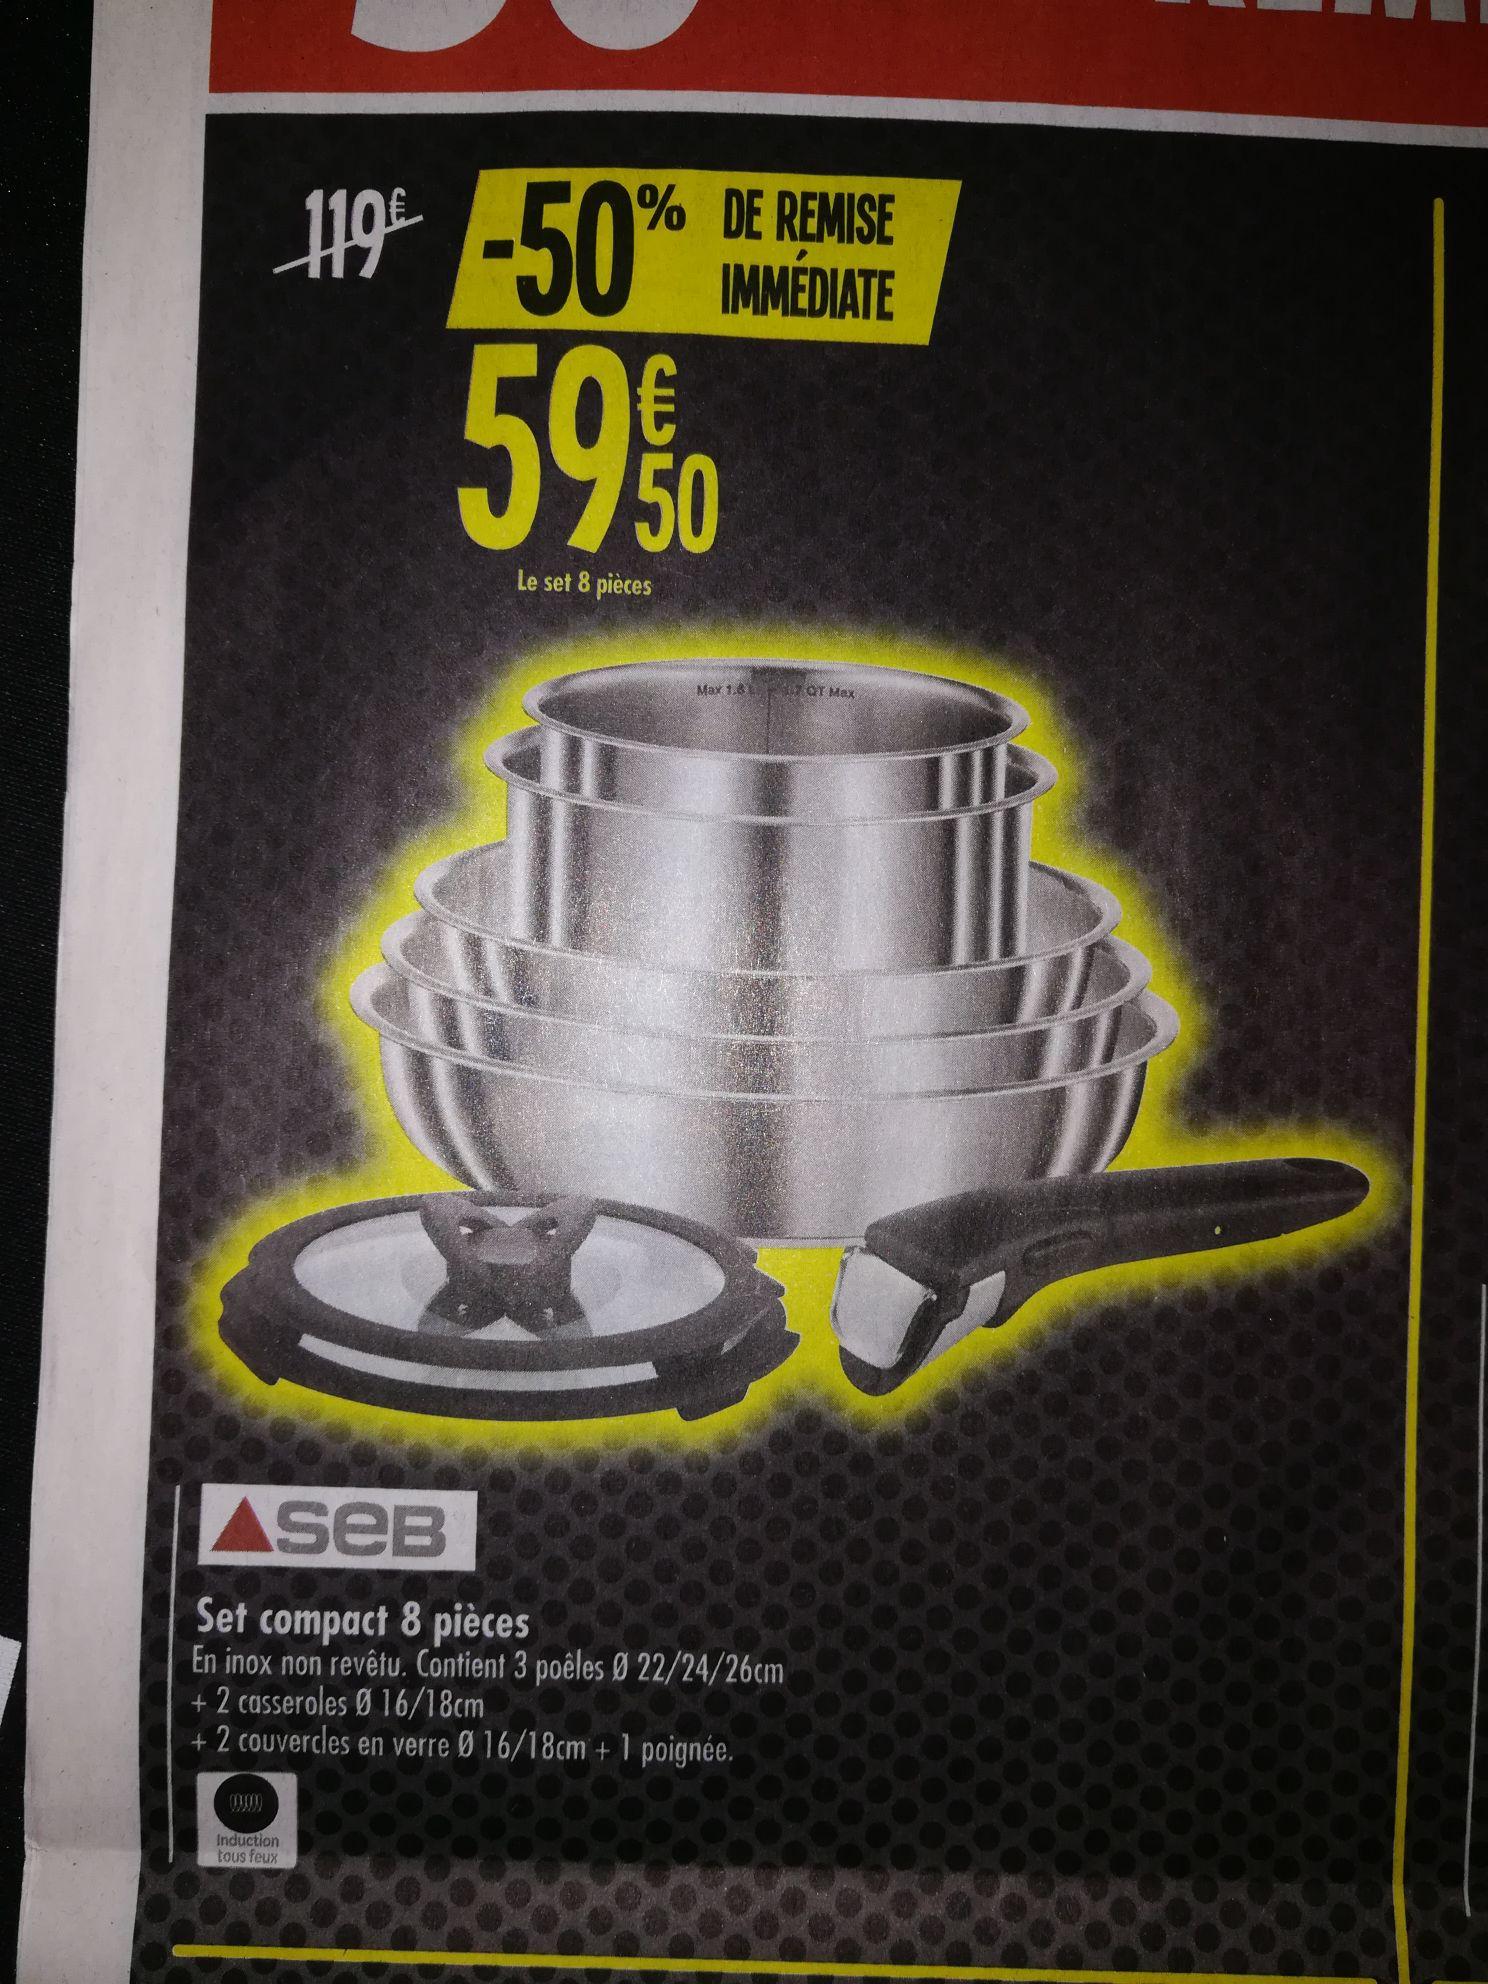 Batterie de cuisine Seb - 8 pièces, Tous feux dont induction